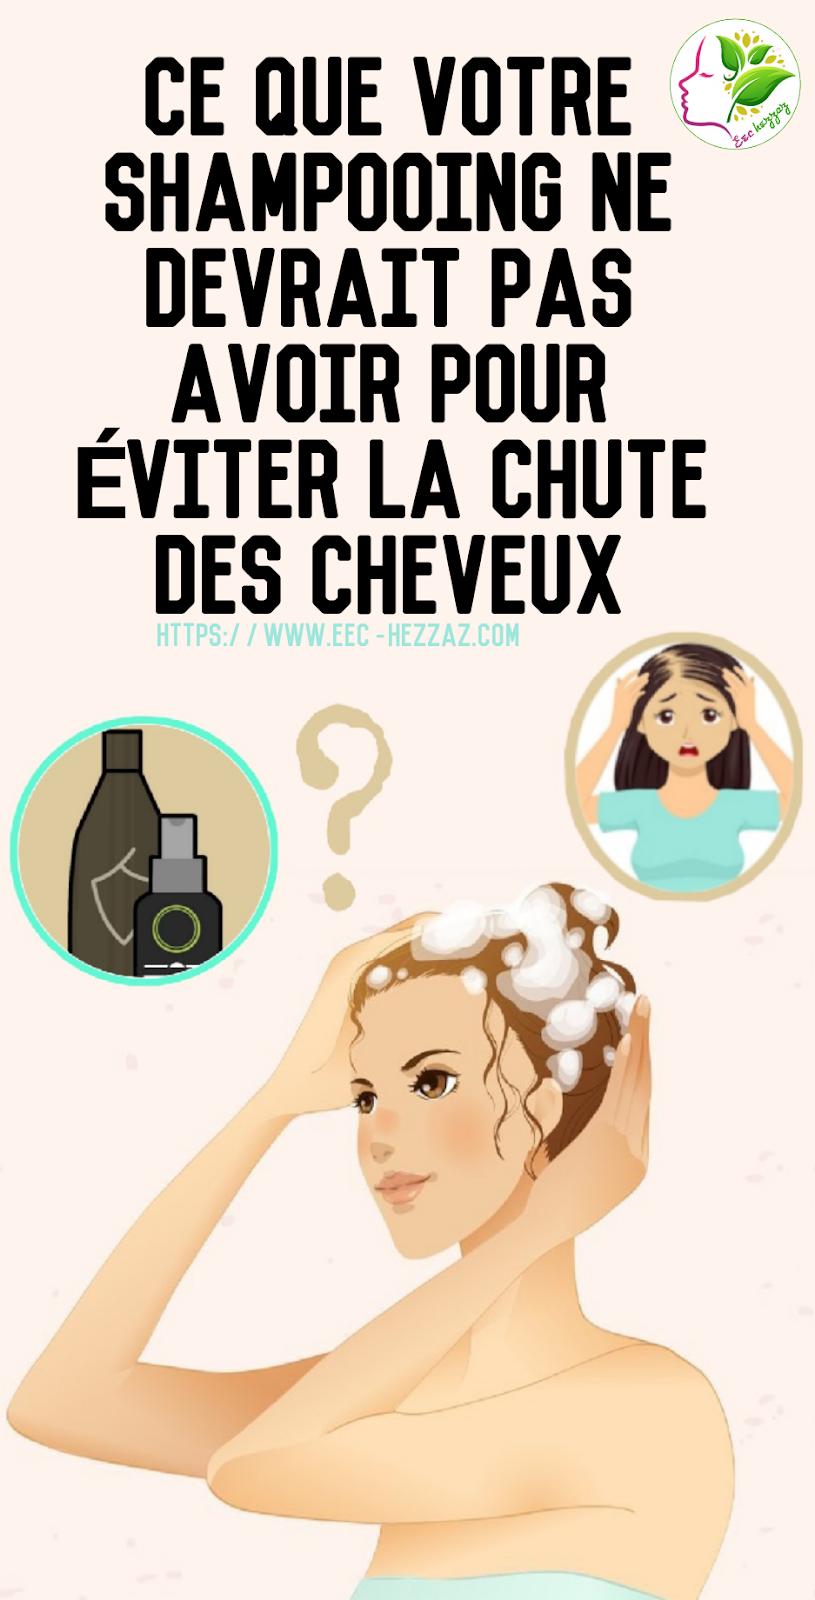 Ce que votre shampooing ne devrait pas avoir pour éviter la chute des cheveux